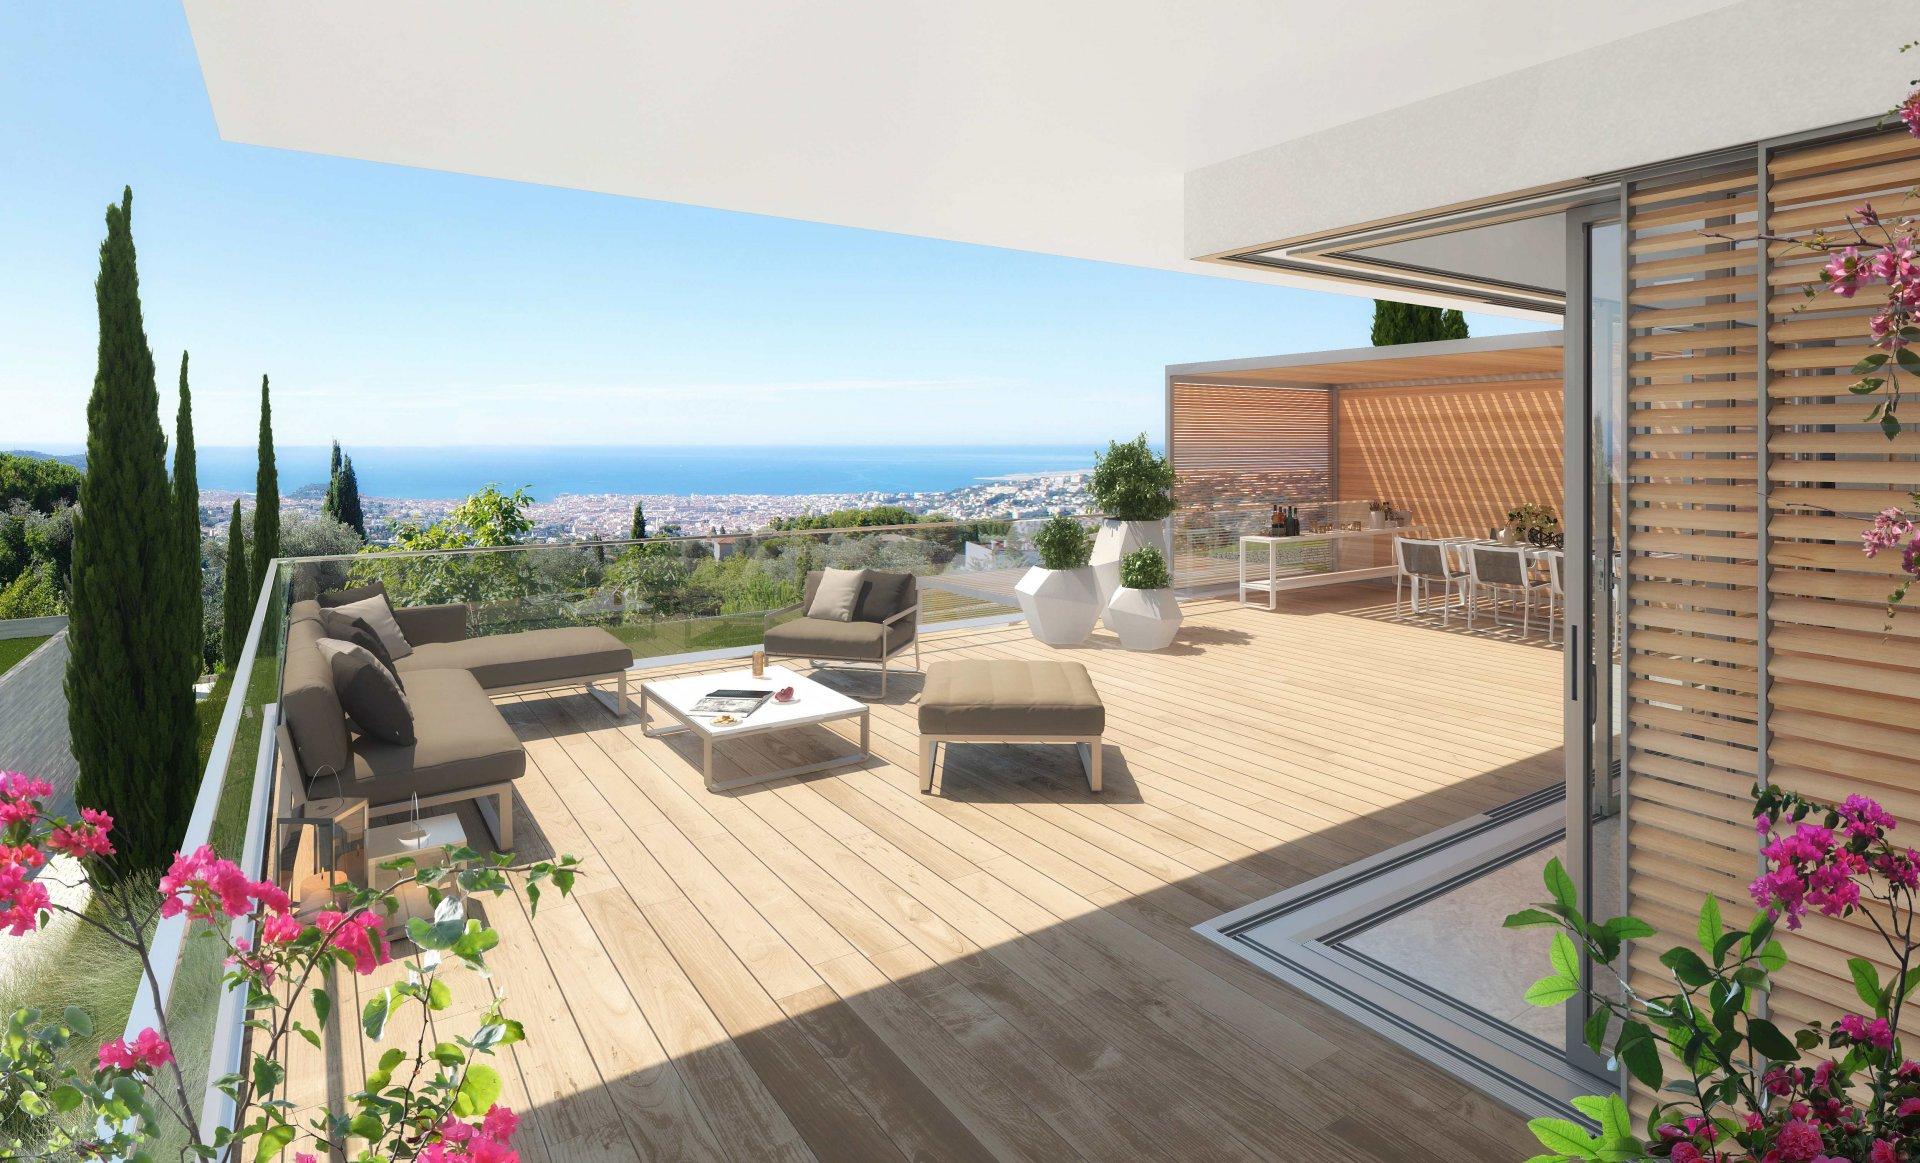 3-bedroom apartment with terrace and garden - Domaine de Gairaut